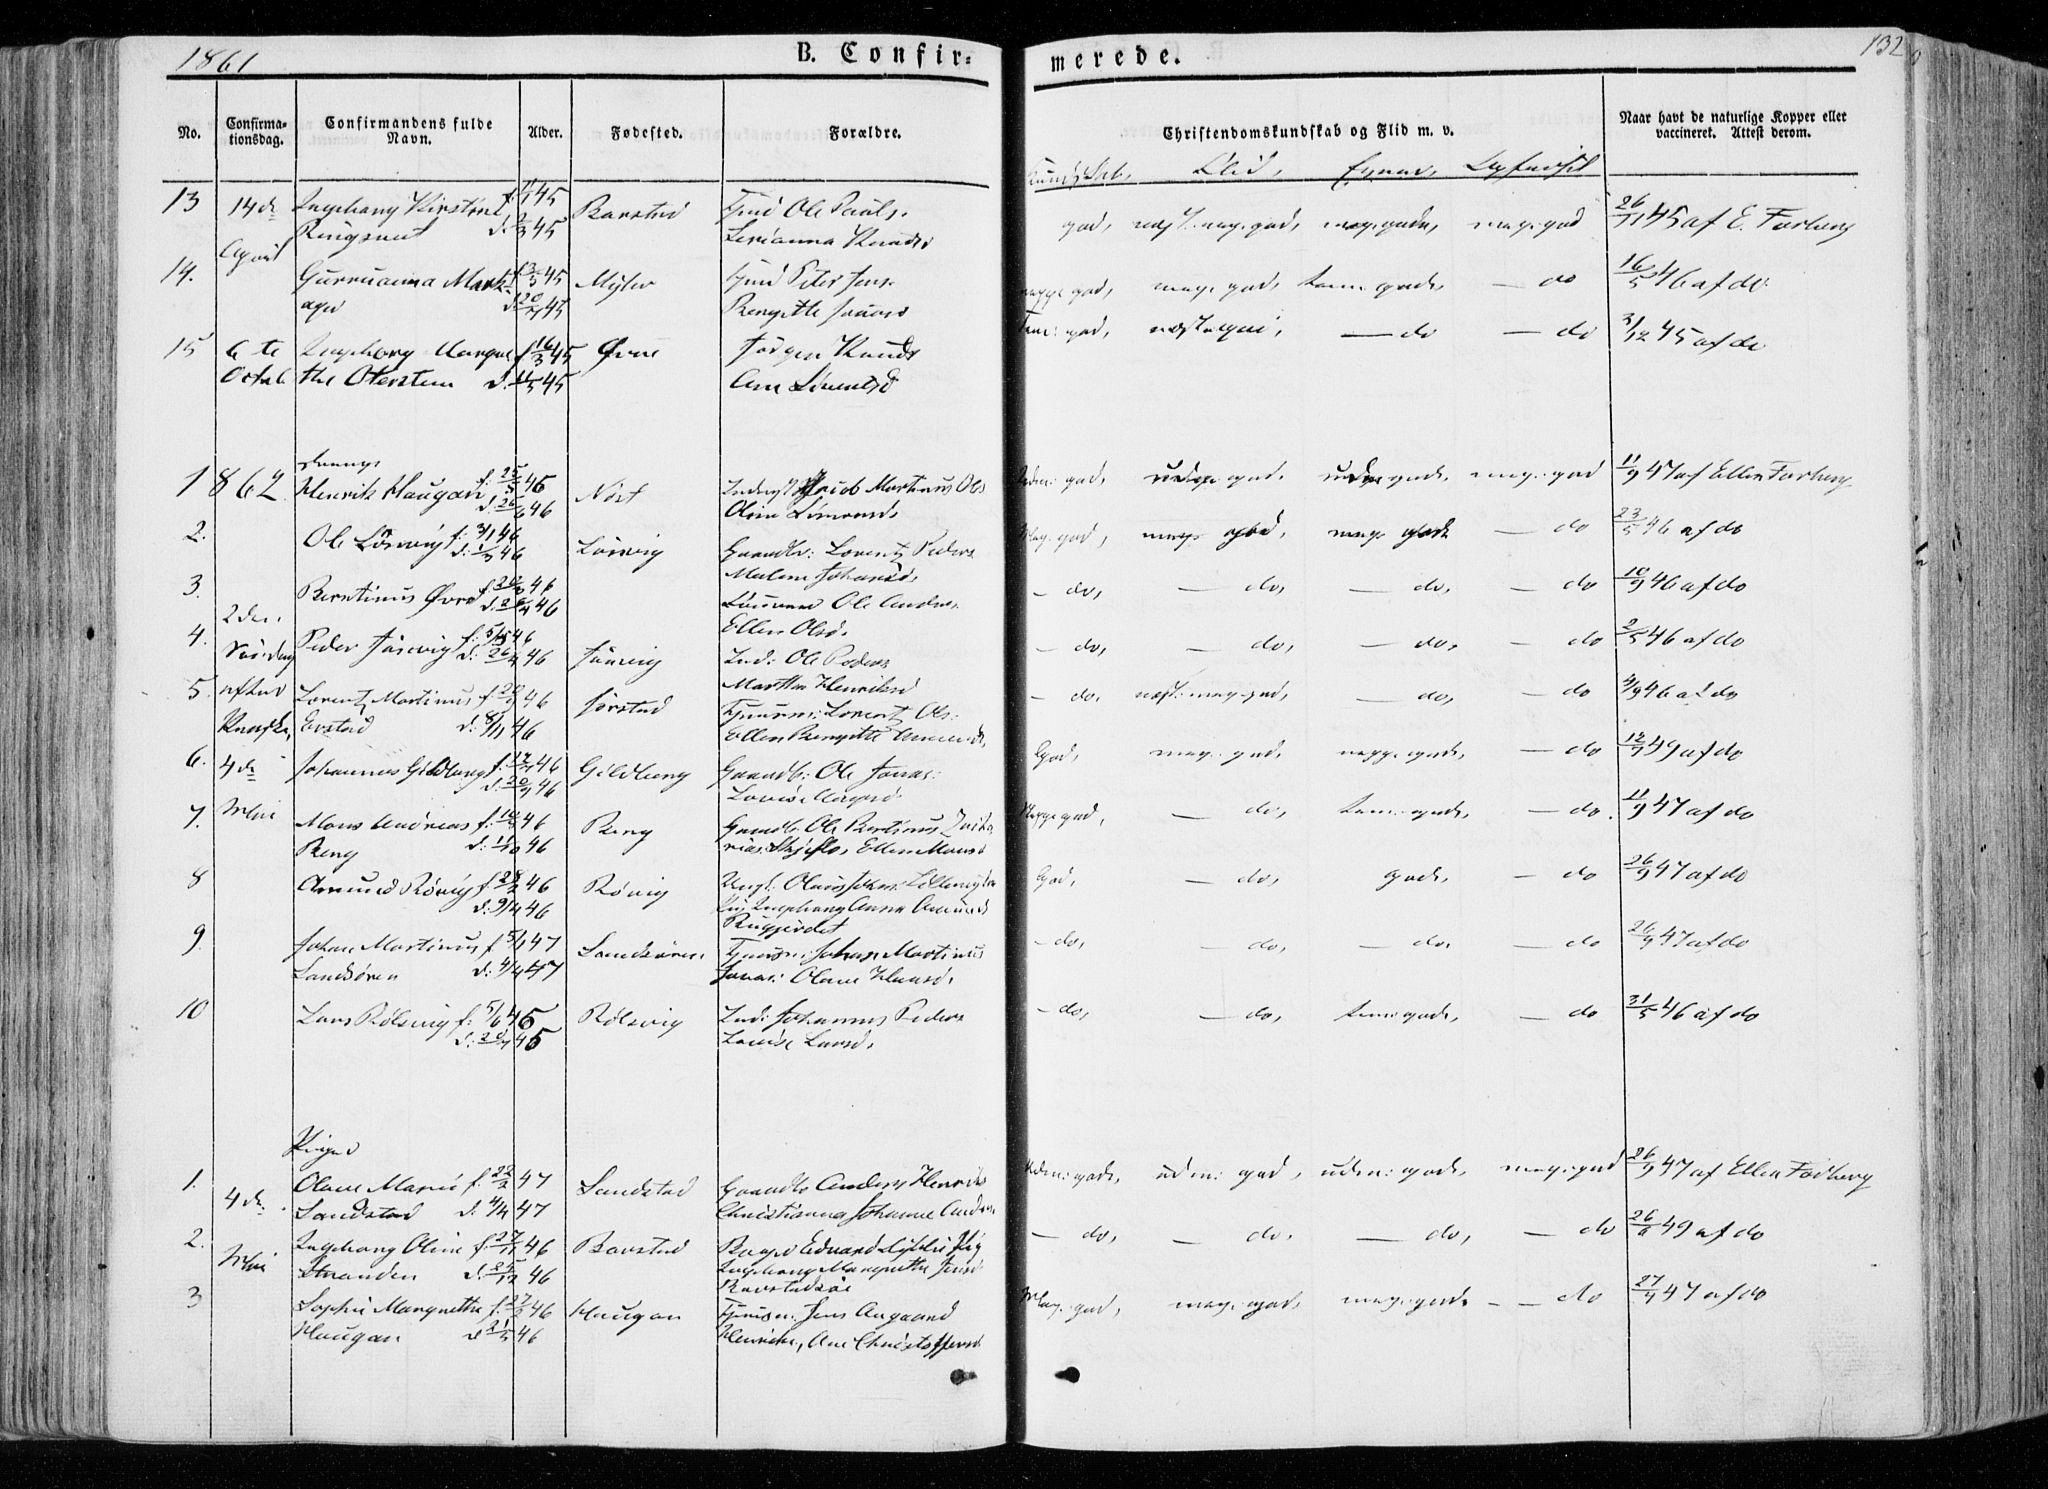 SAT, Ministerialprotokoller, klokkerbøker og fødselsregistre - Nord-Trøndelag, 722/L0218: Ministerialbok nr. 722A05, 1843-1868, s. 132